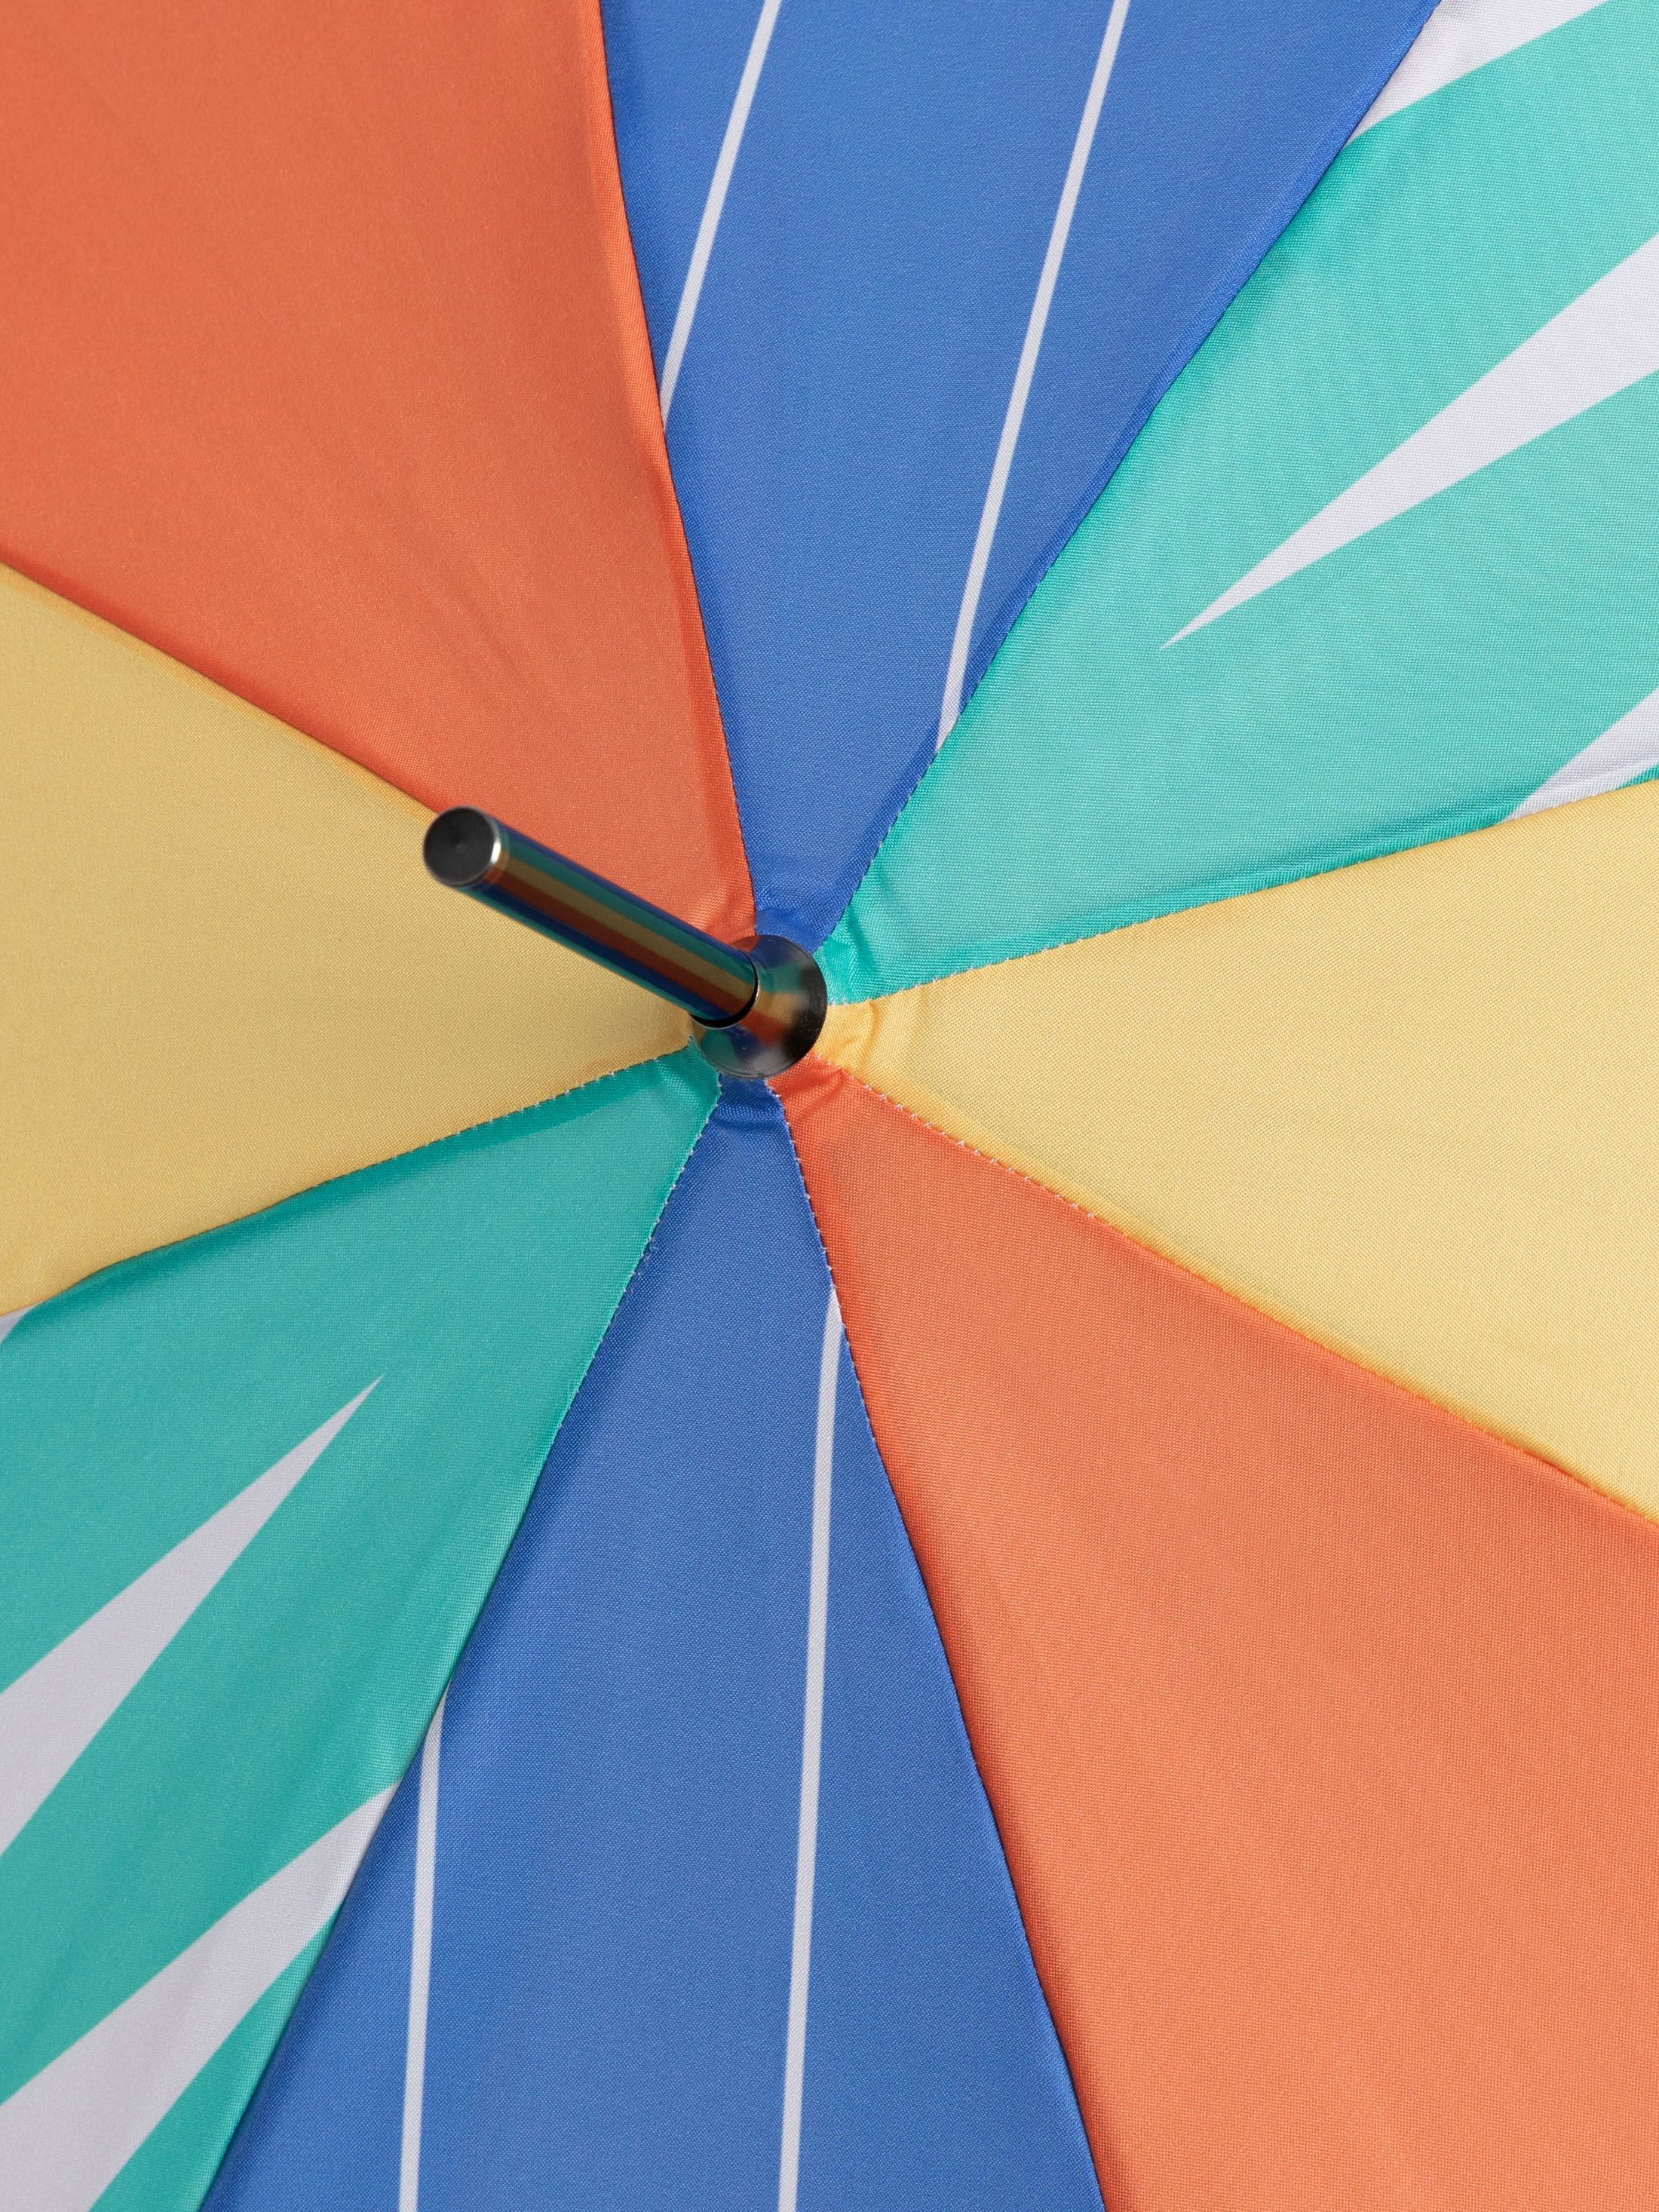 design your own umbrella